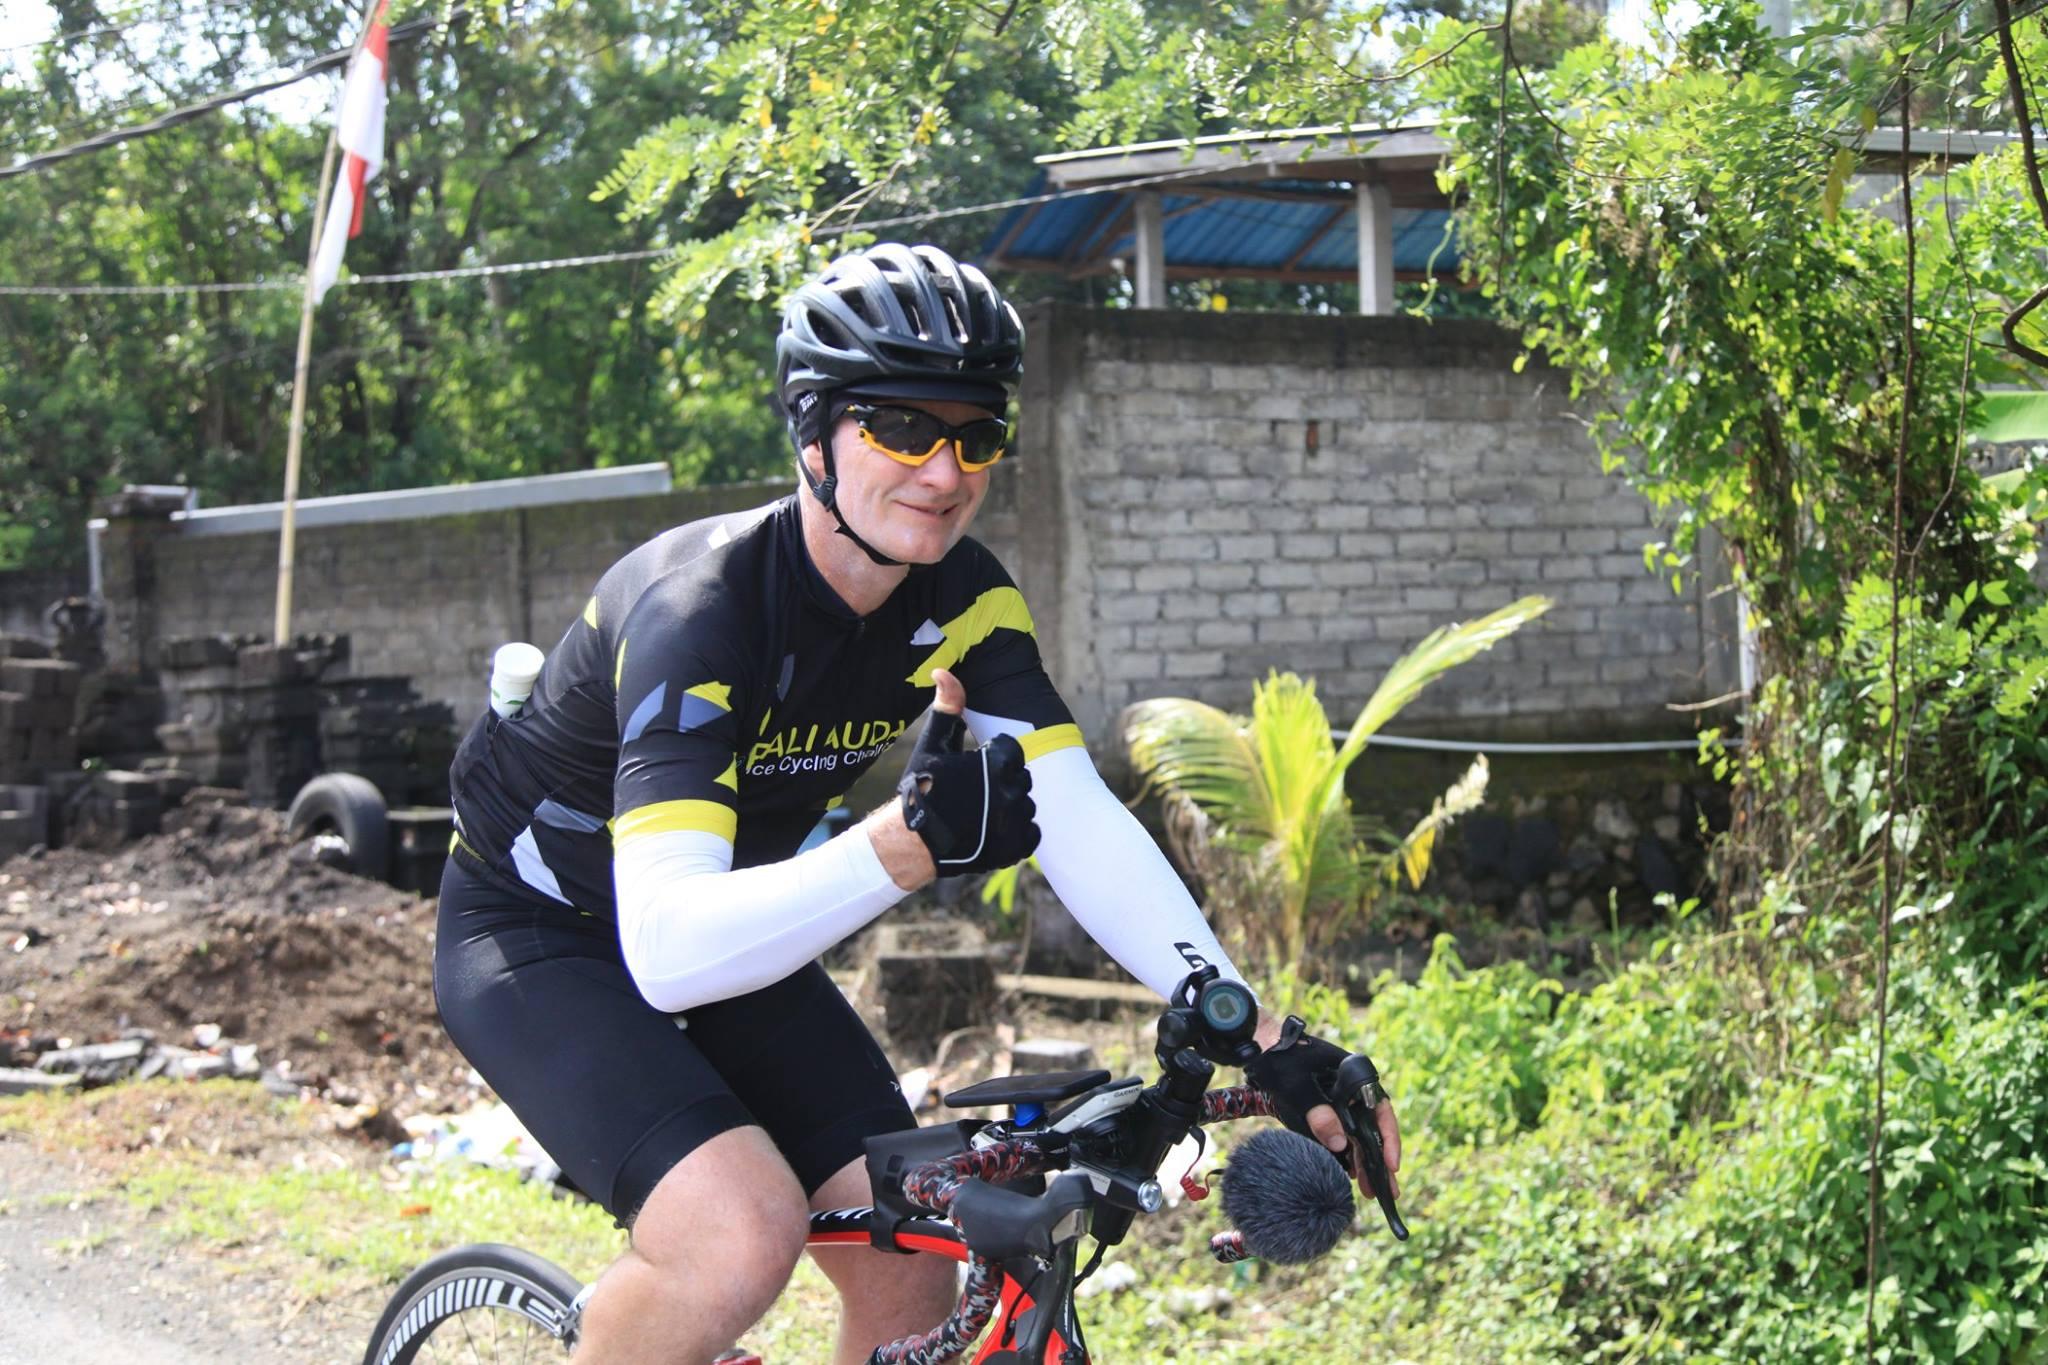 day 1 Bali Audax 2018 (16)